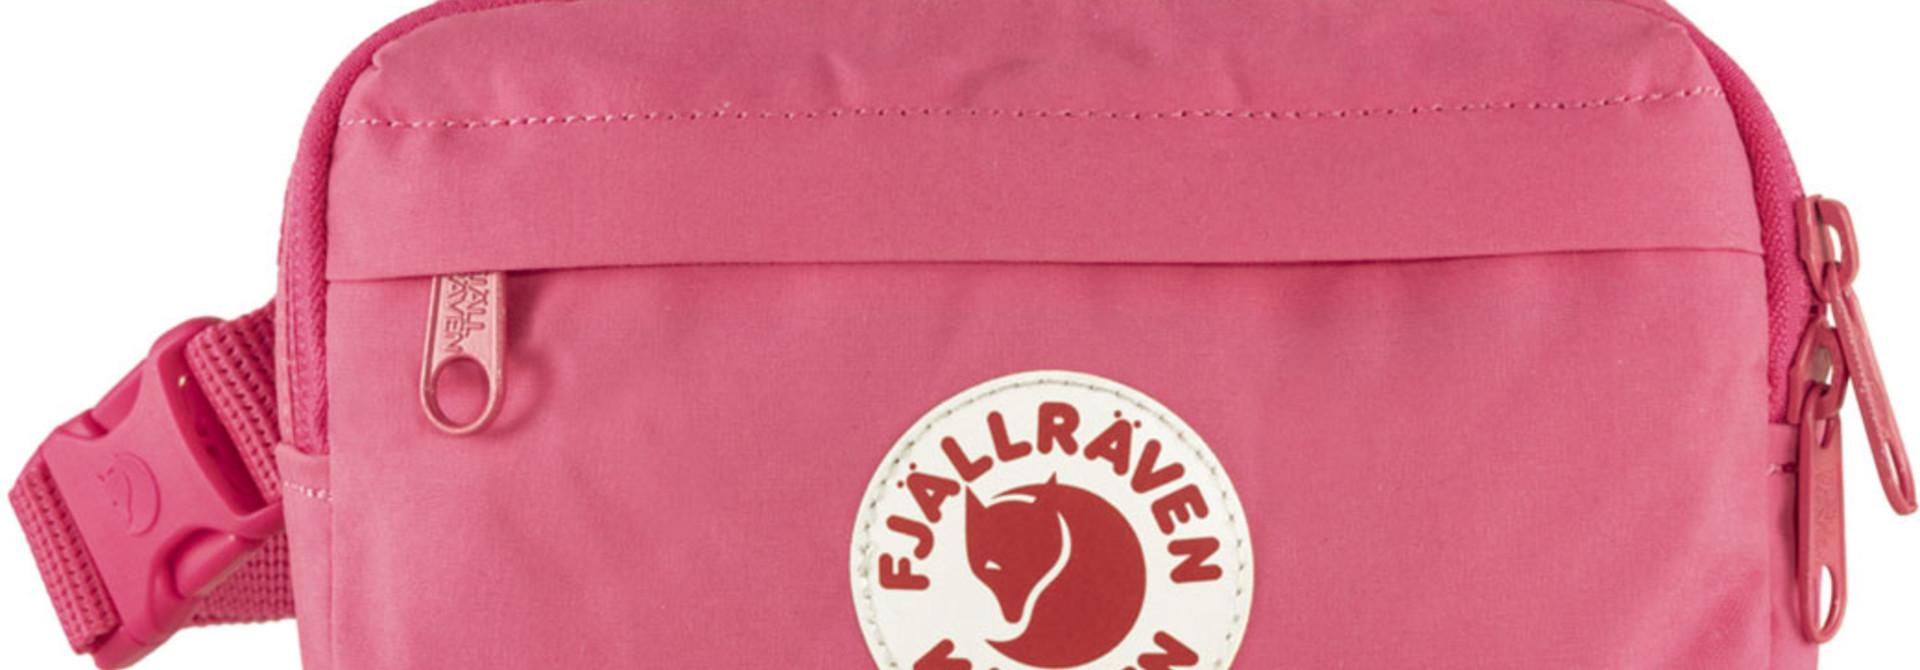 Fjällräven Kånken Hip Pack Flamingo Pink